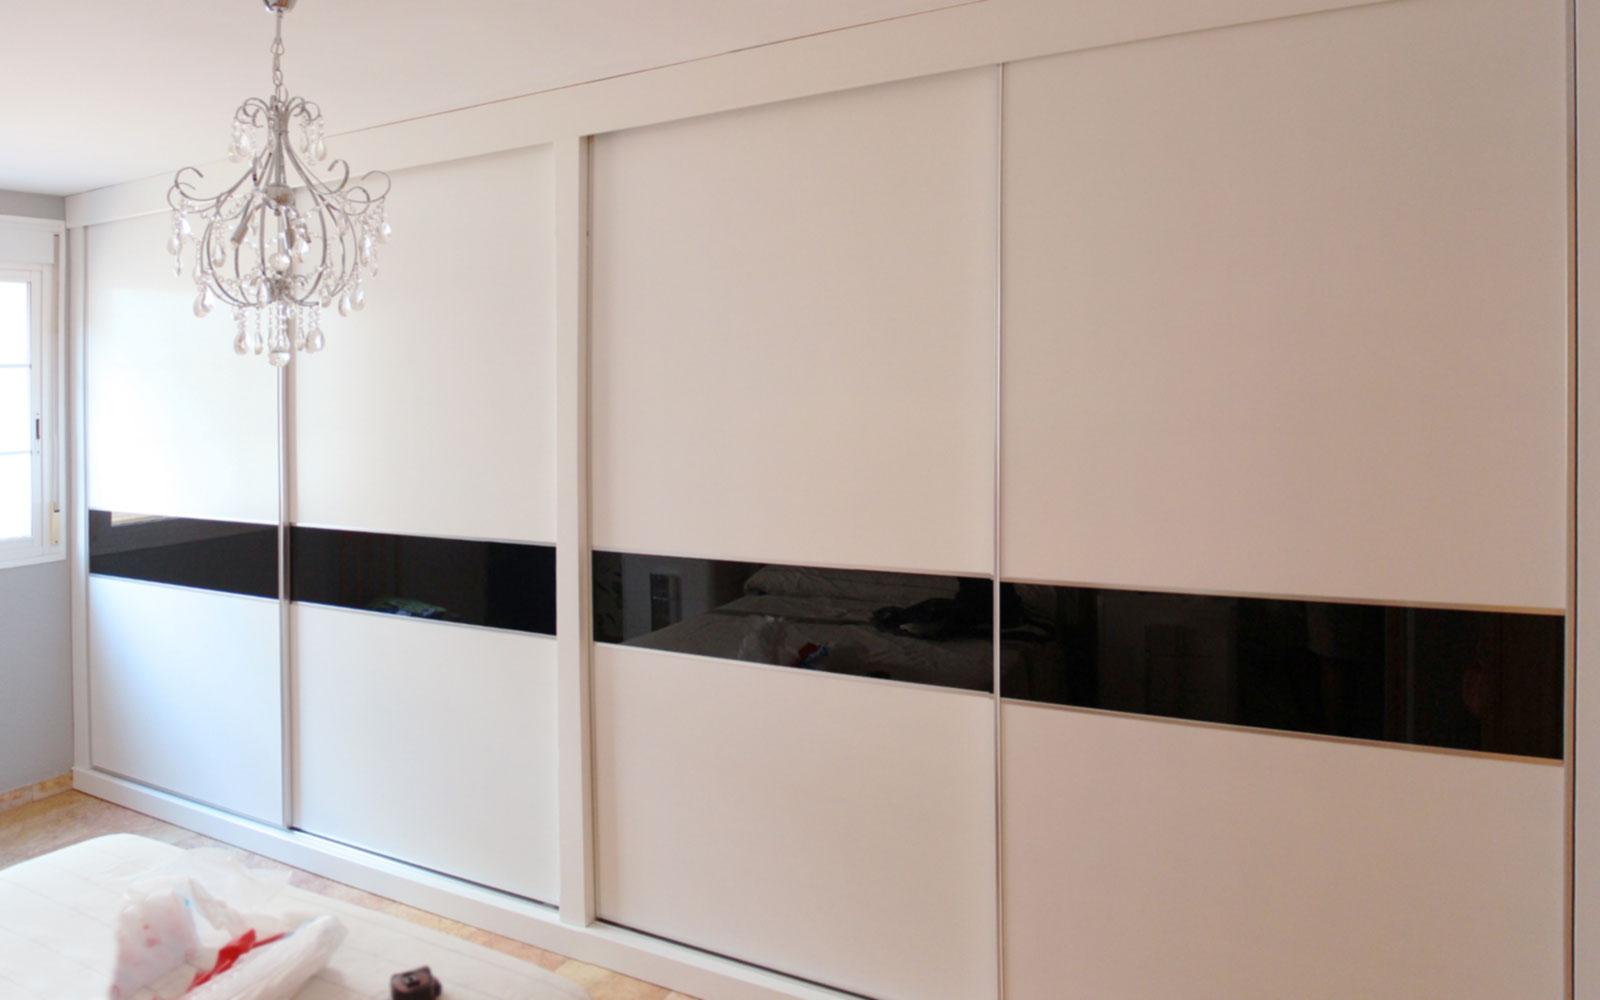 Armarios a medida en almeria benoit roubaud carpinter a - Puertas de interior lacadas en blanco precios ...